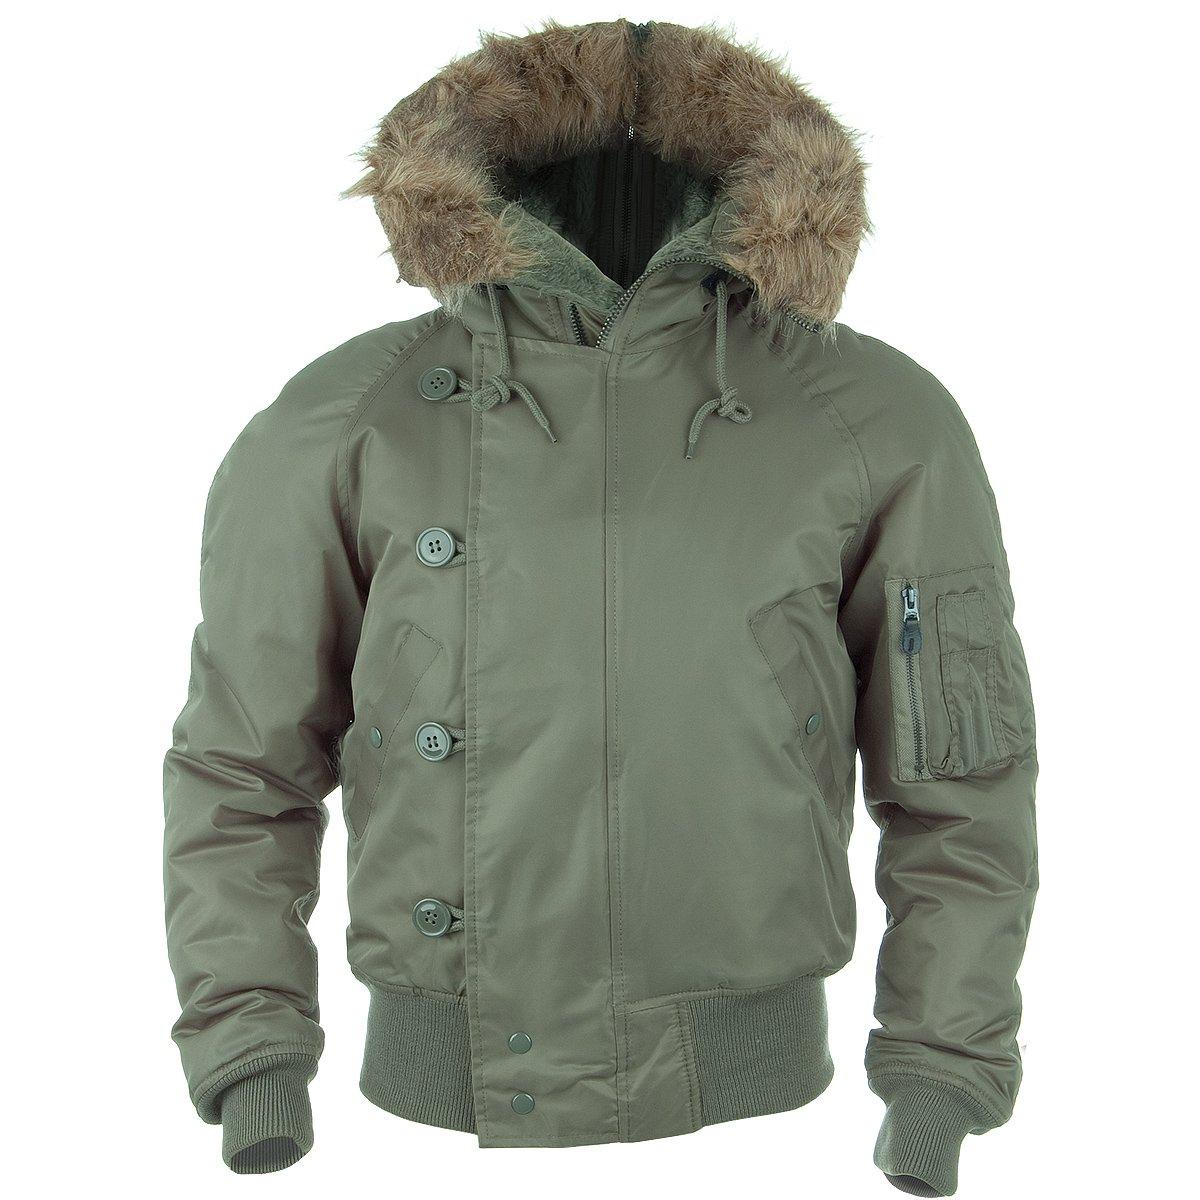 Mil-Tec N2B Flight Jacket Olive size XL